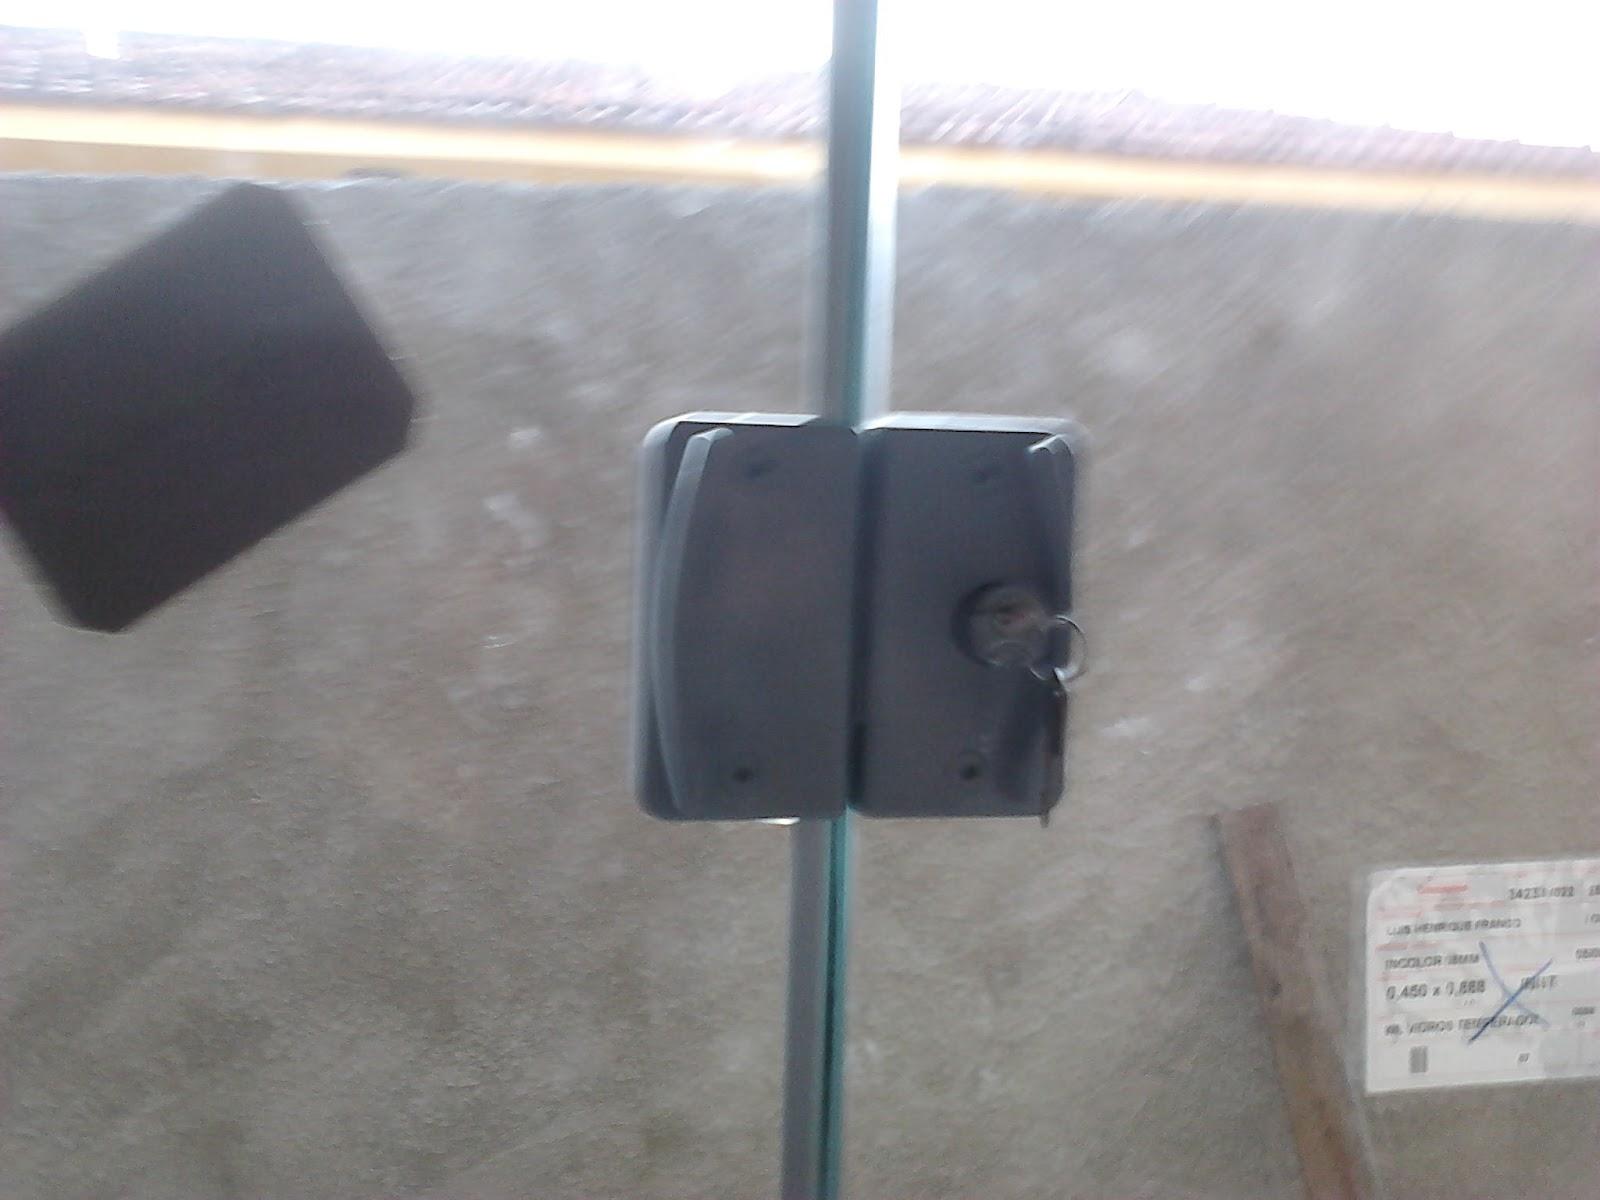 #6B5D51  da Janela interna e no detalhe a fechadura em alumínio na cor fosco 1696 Janela De Aluminio Na Cor Bronze